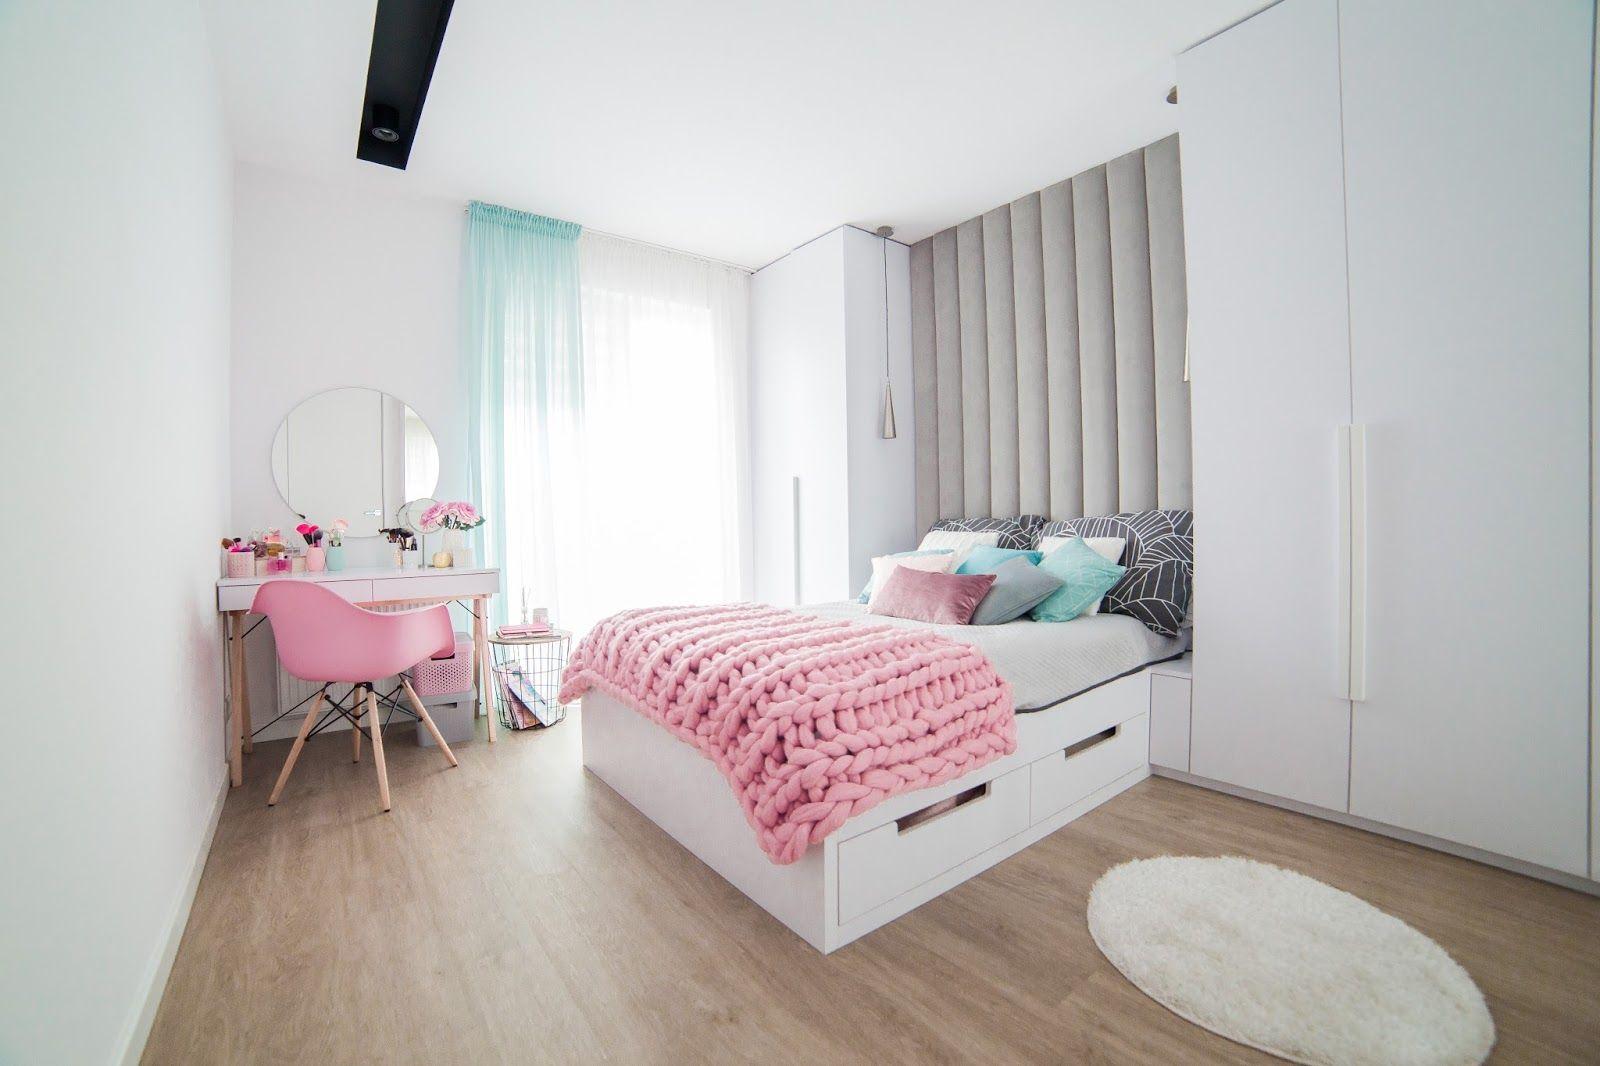 Projekt Sypialni Jak Urządzić Sypialnie Pastele W